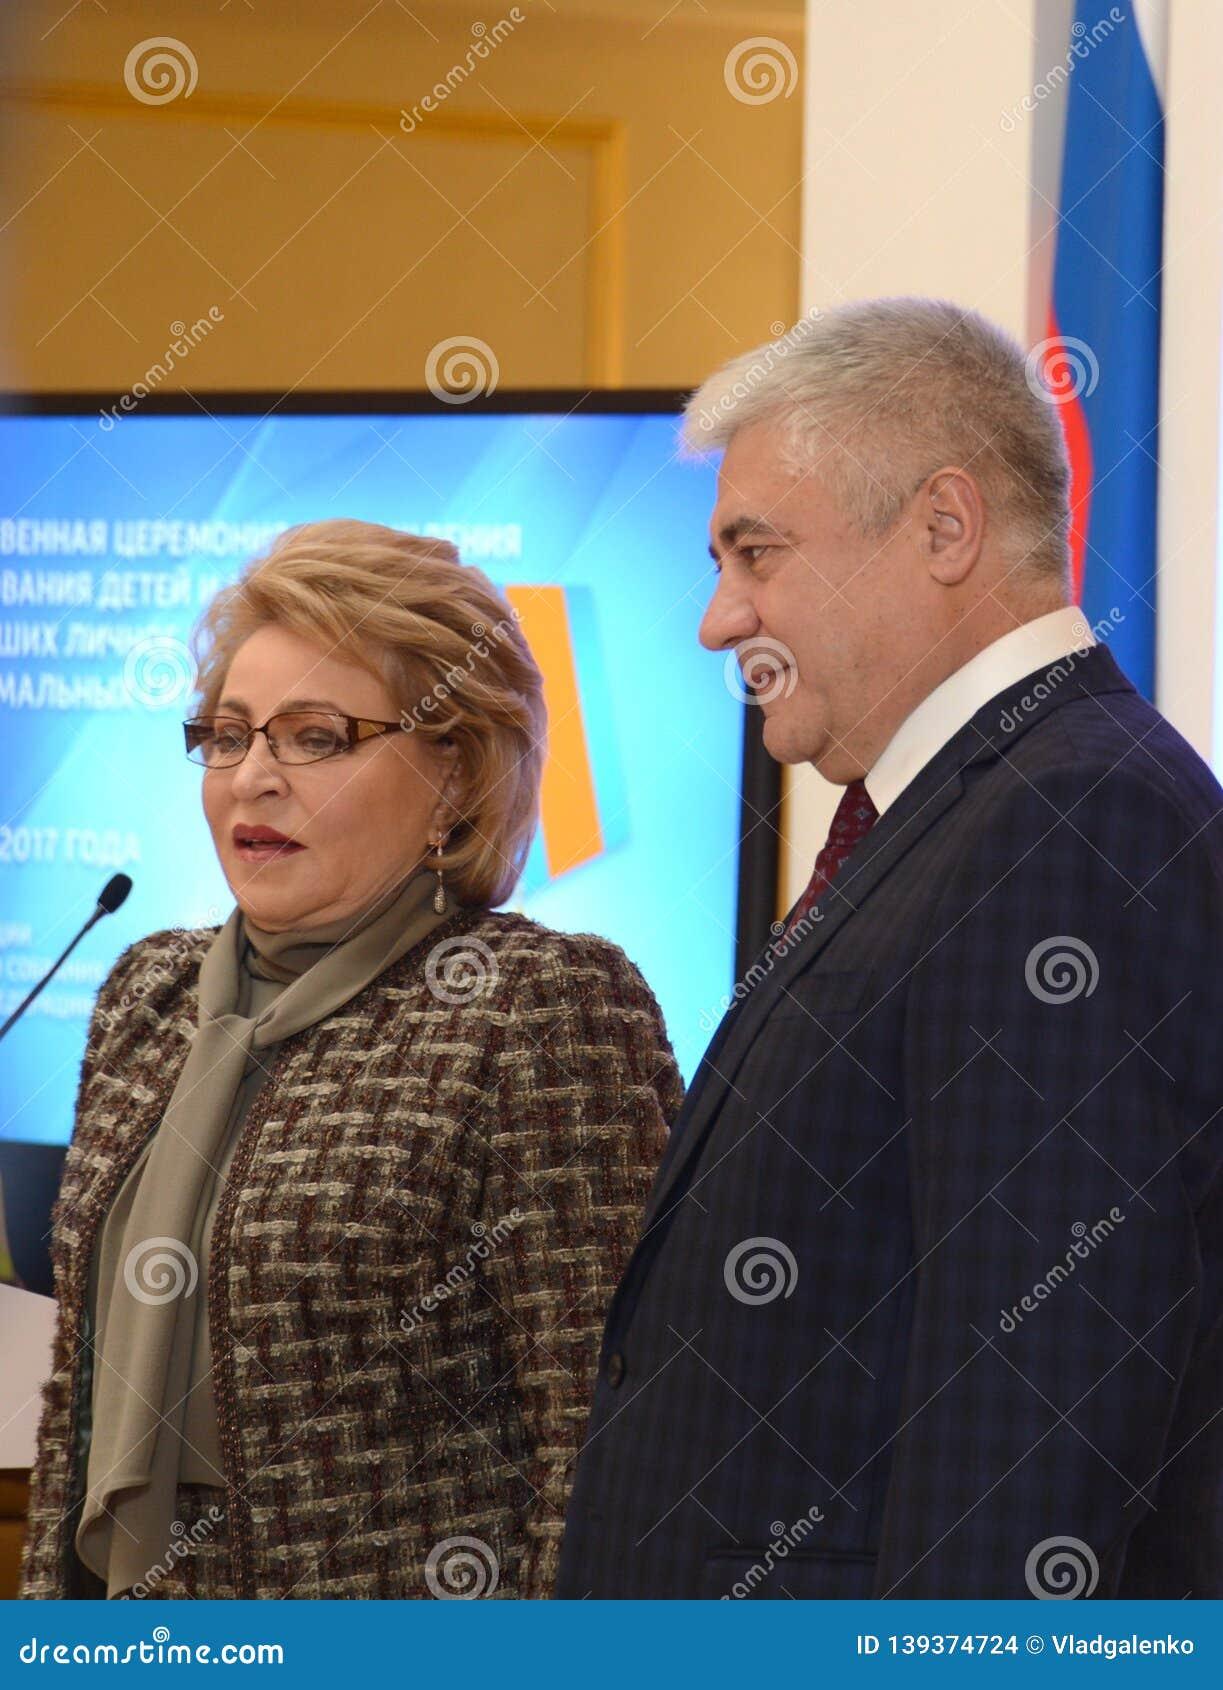 Руководитель Совета Федерации федерального министра Валентины Matvienko собрания внутренних дел Владимир Kolokoltsev